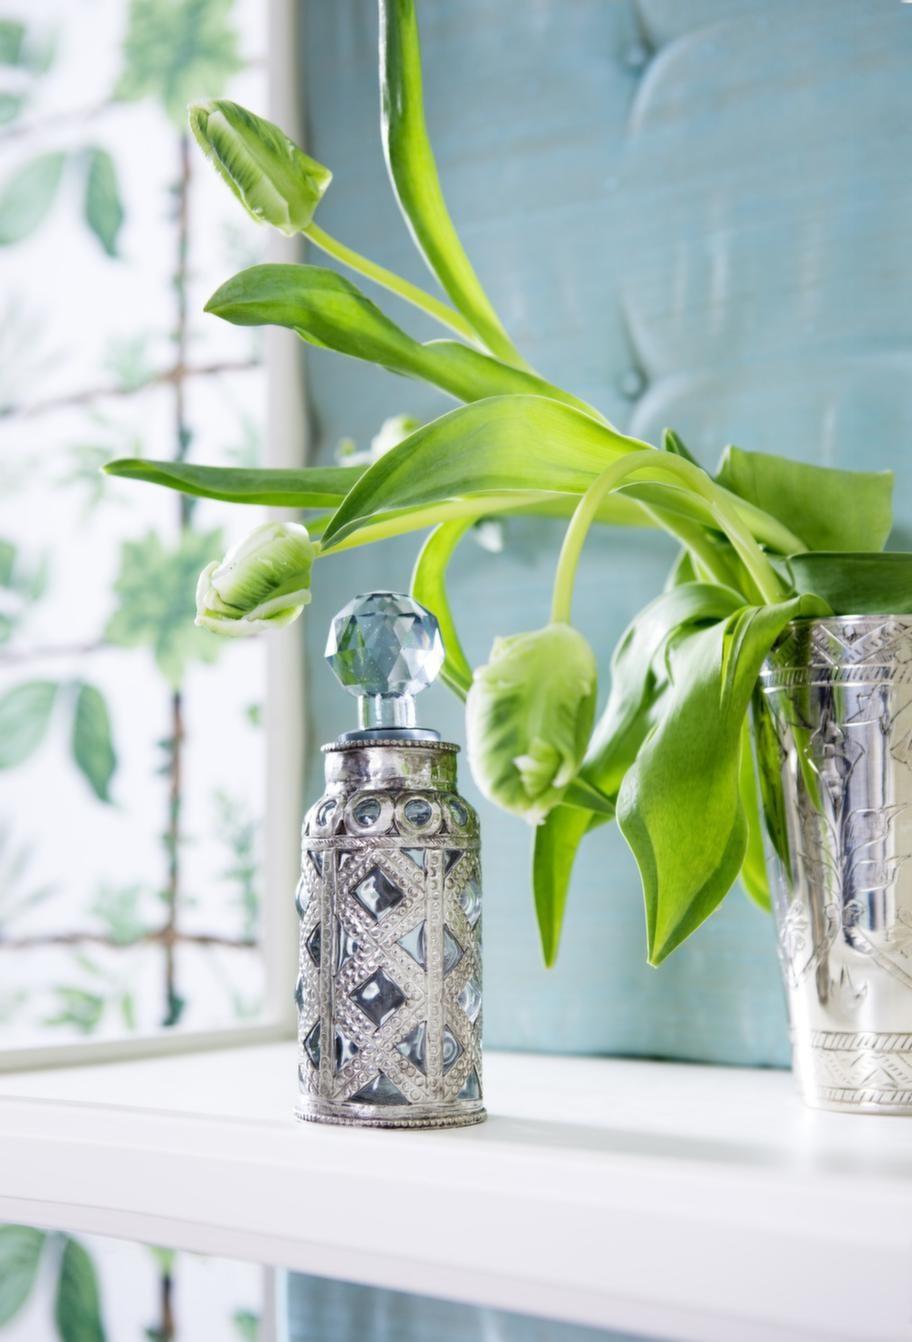 Fin detaljFlaska med glasknopp, privat. Silverbägare/vas, 349 kronor, Day home. Tulpaner från Vildrosor & tistlar.